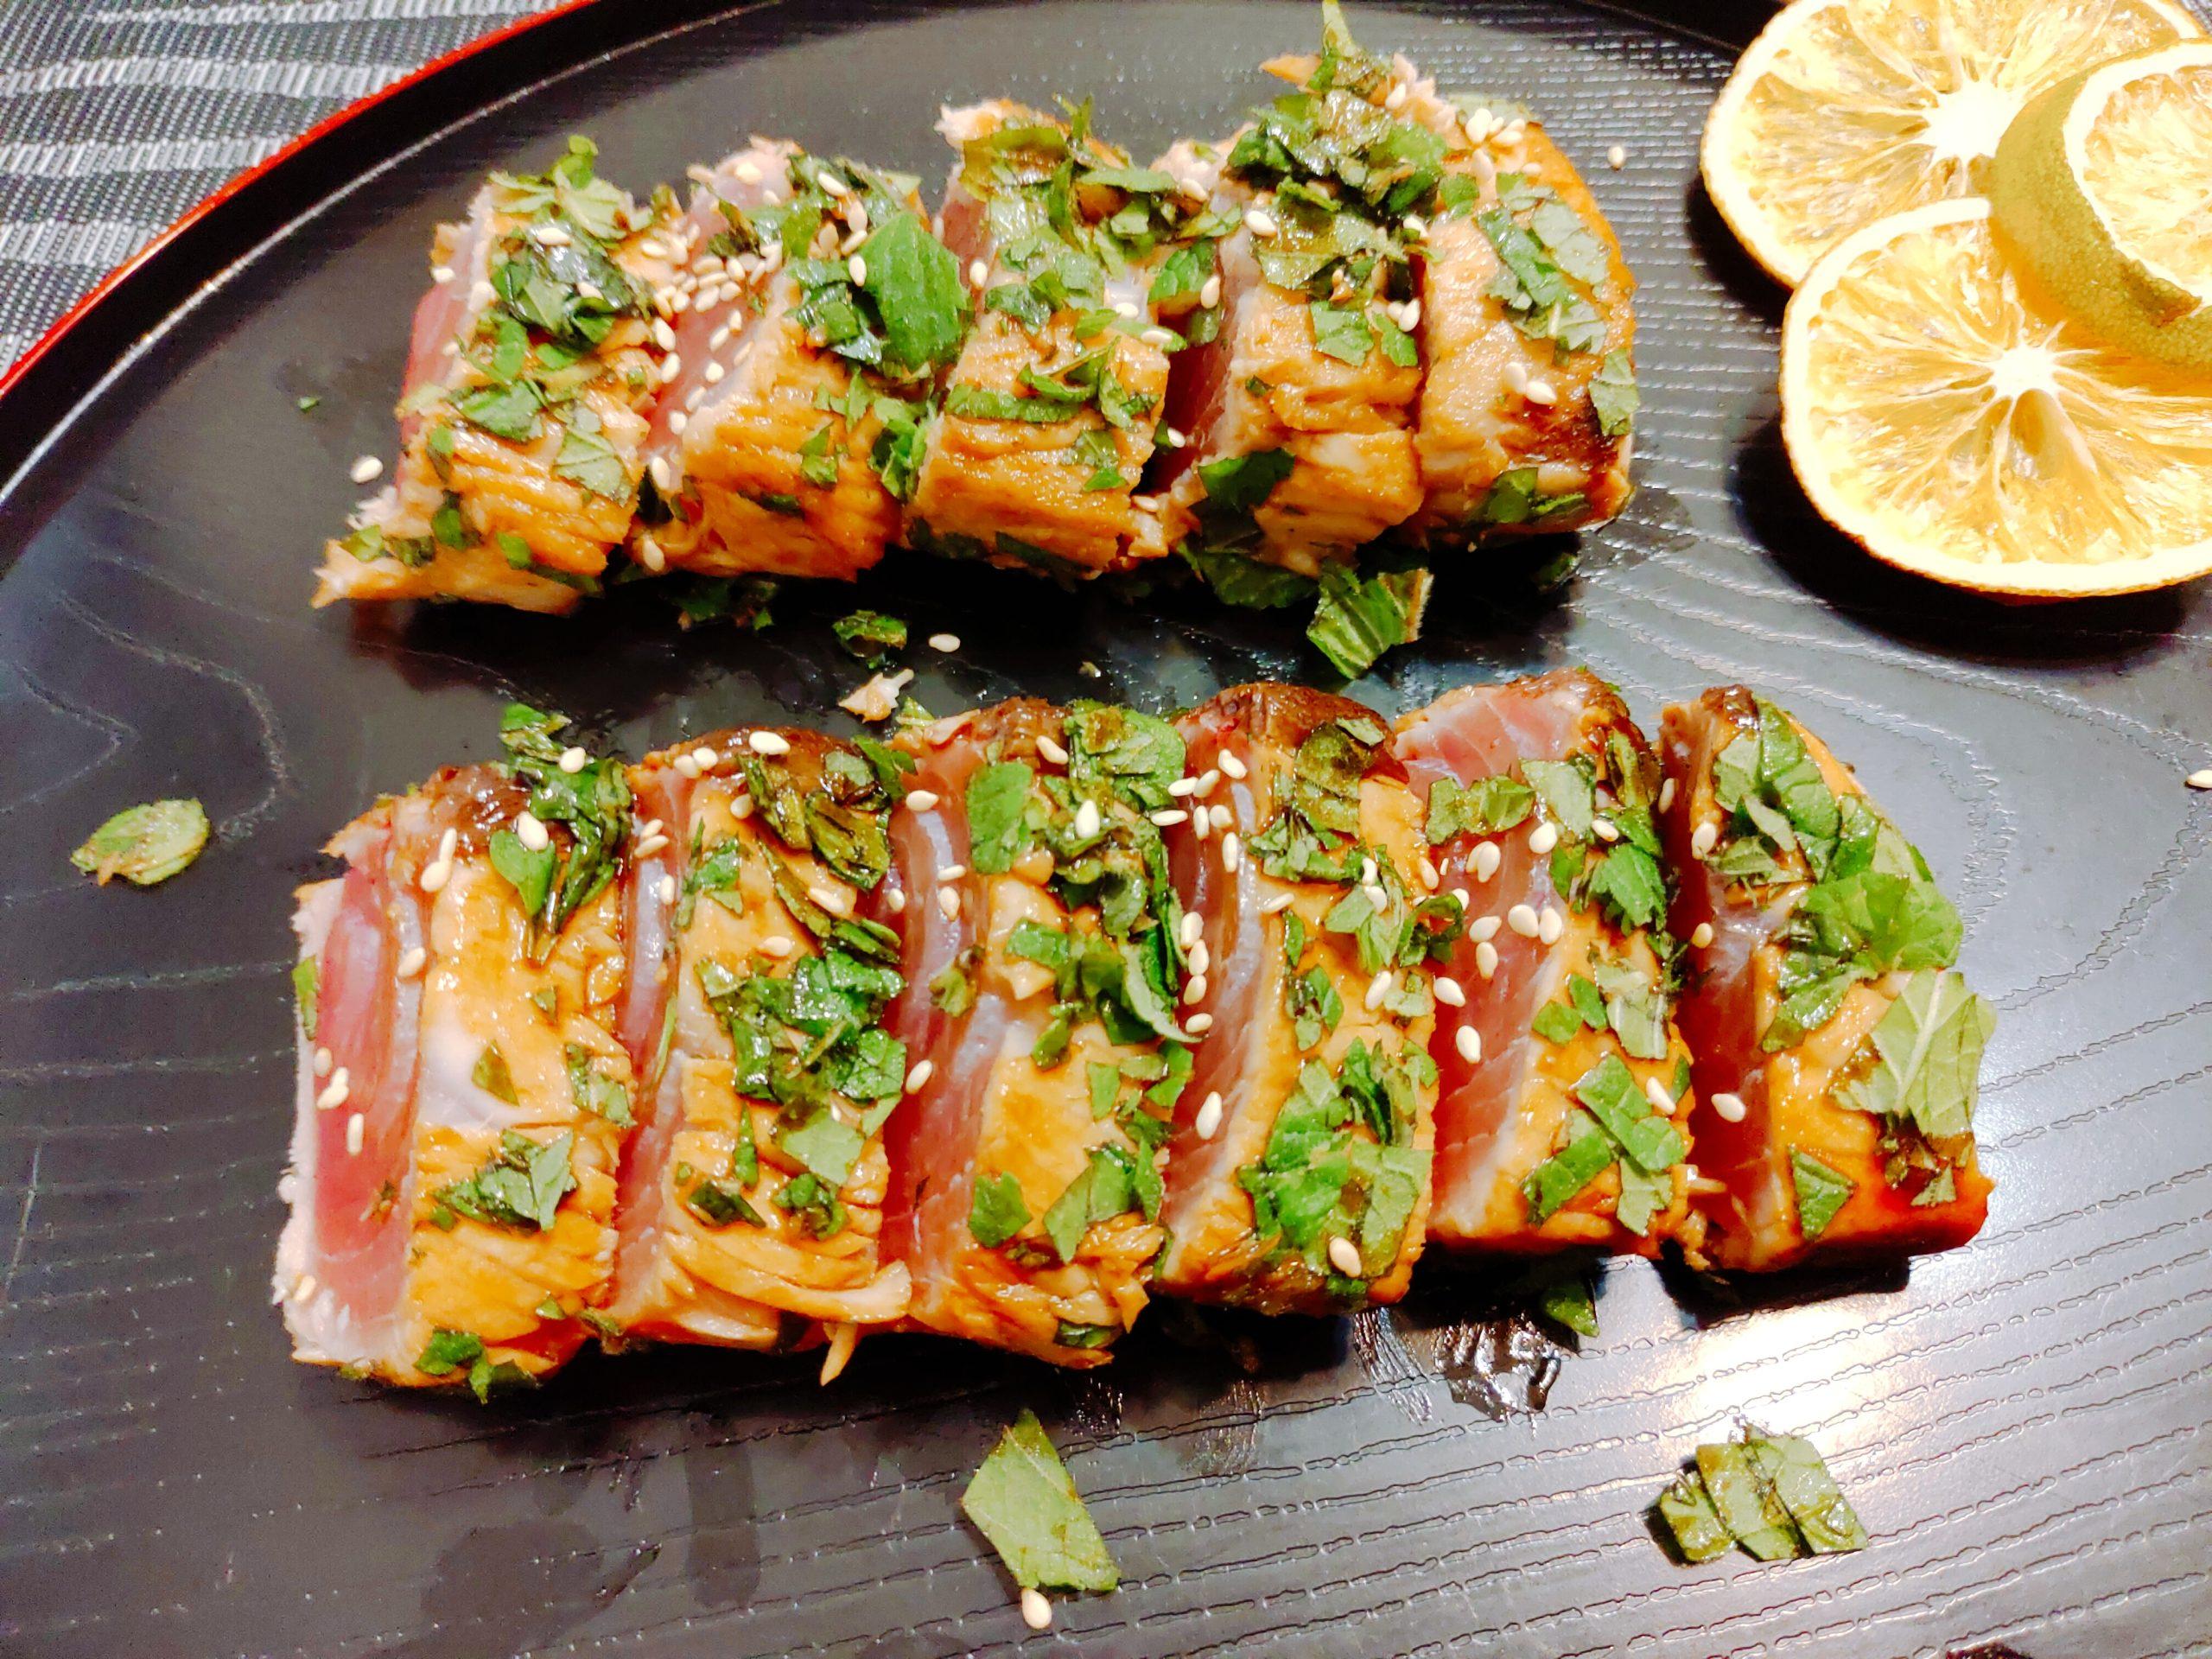 【食譜】生魚片三重奏|三種簡單的延伸料理